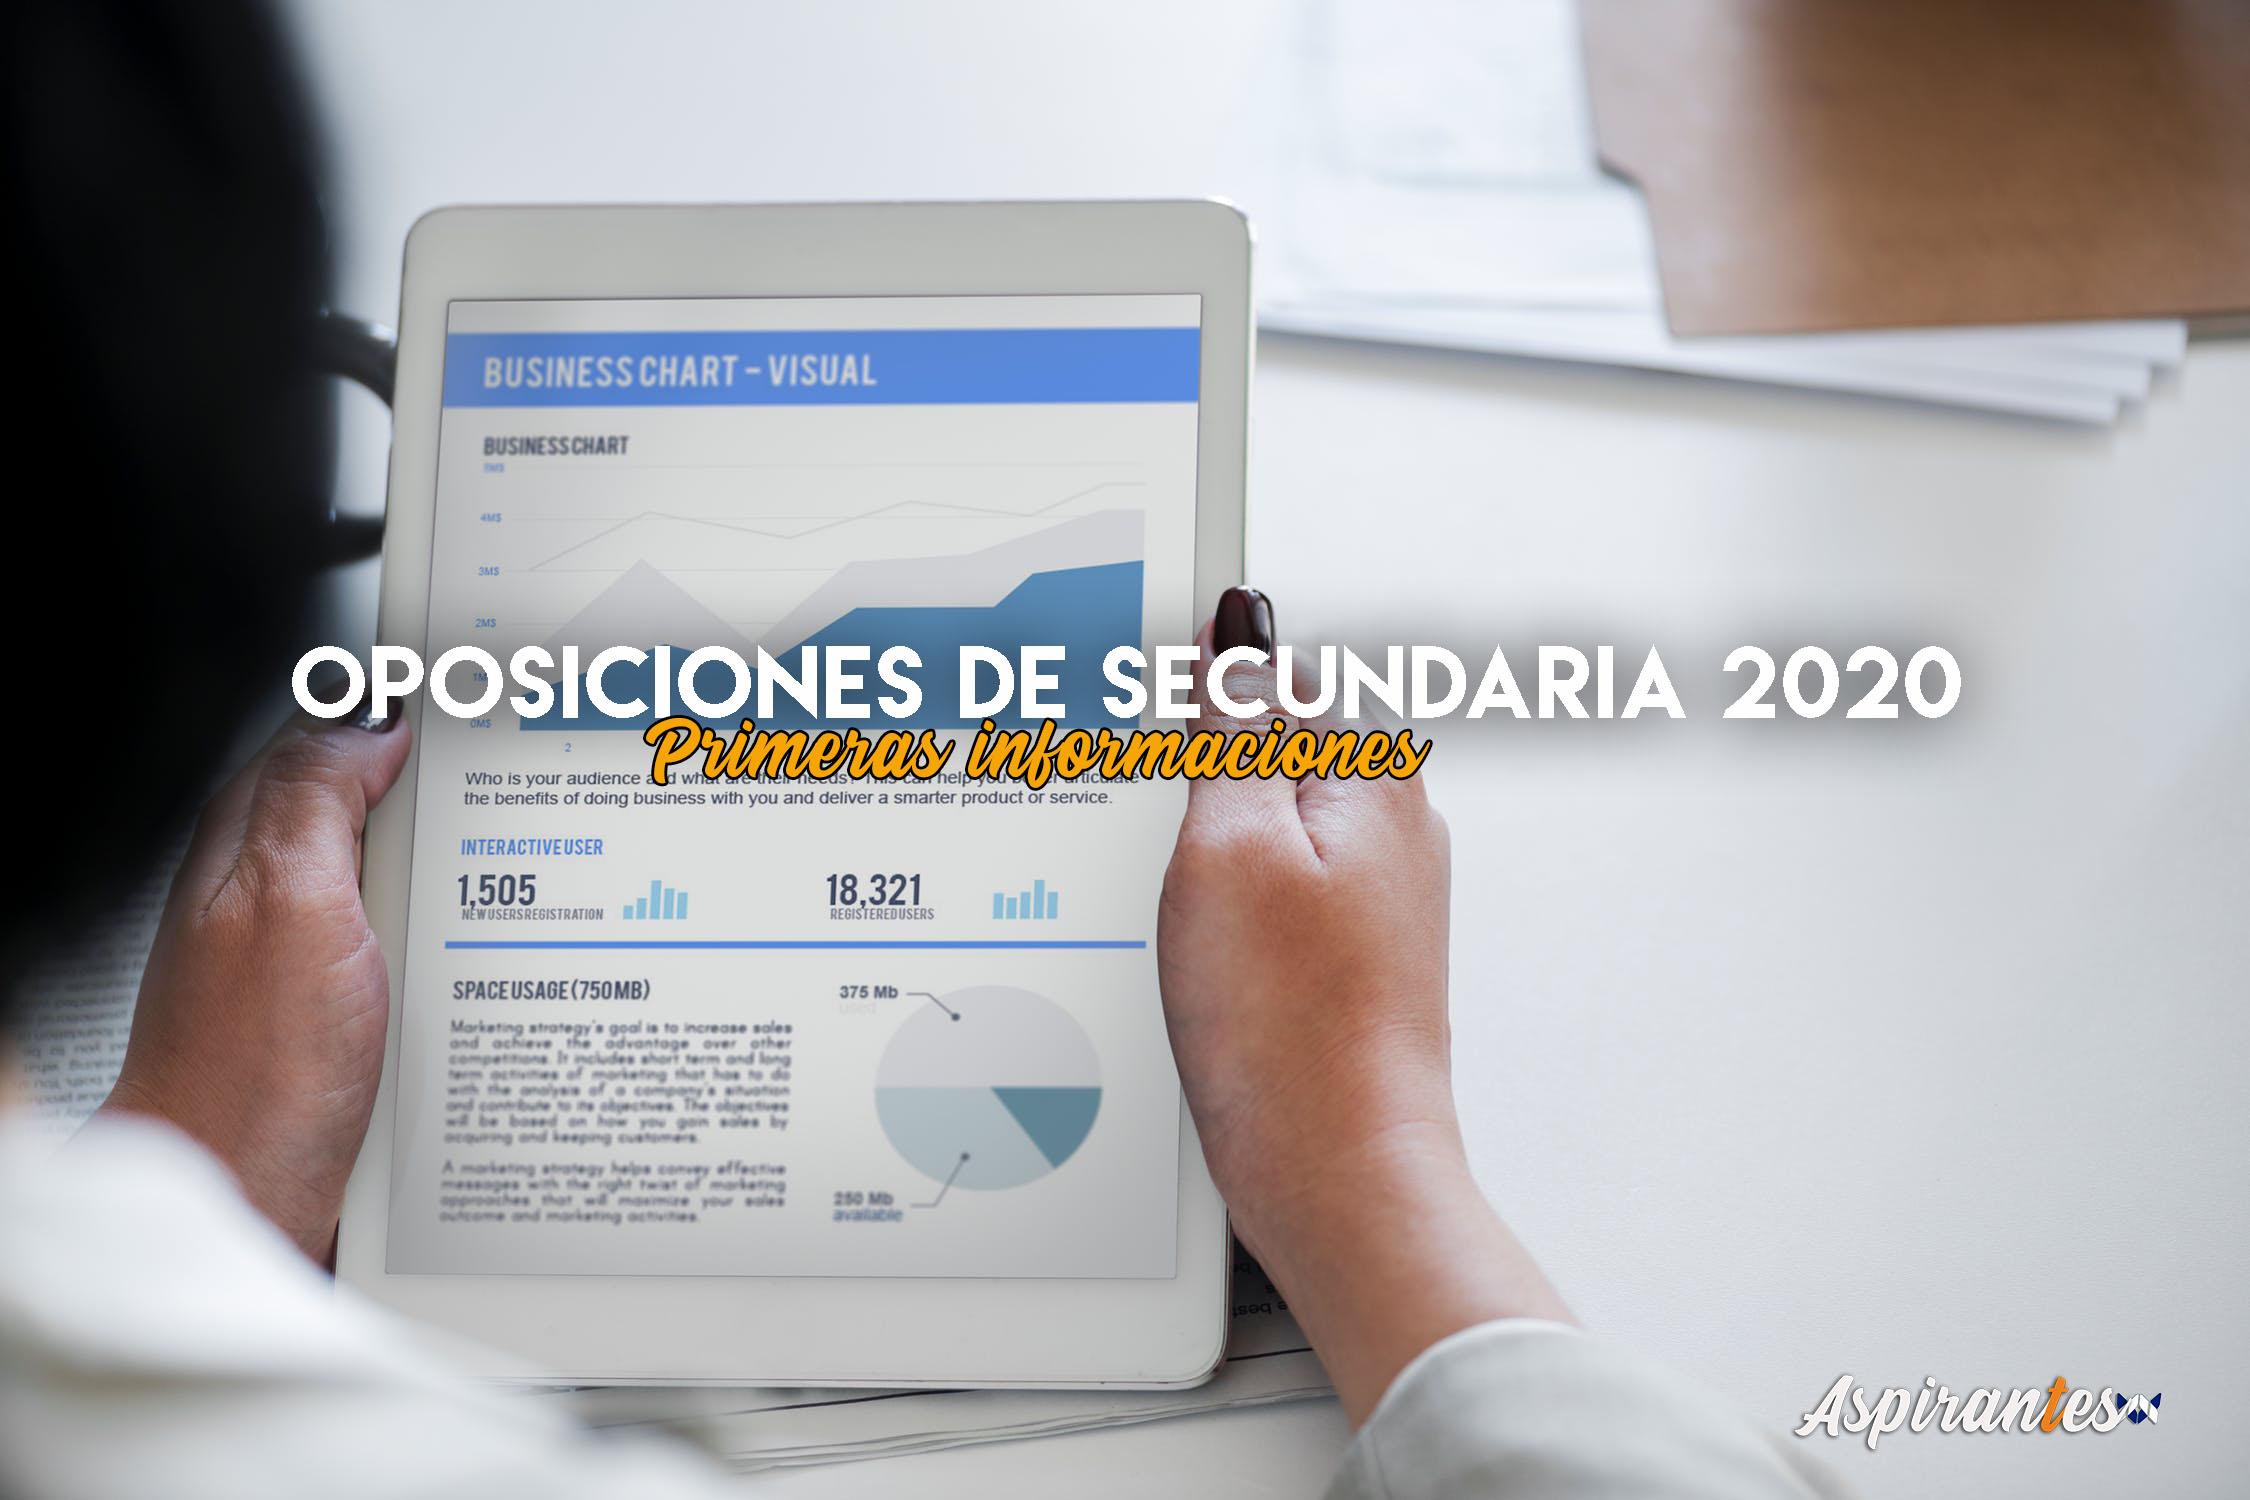 Oposiciones de Secundaria 2020: primeras informaciones disponibles. ¿Habrá nuevo temario?